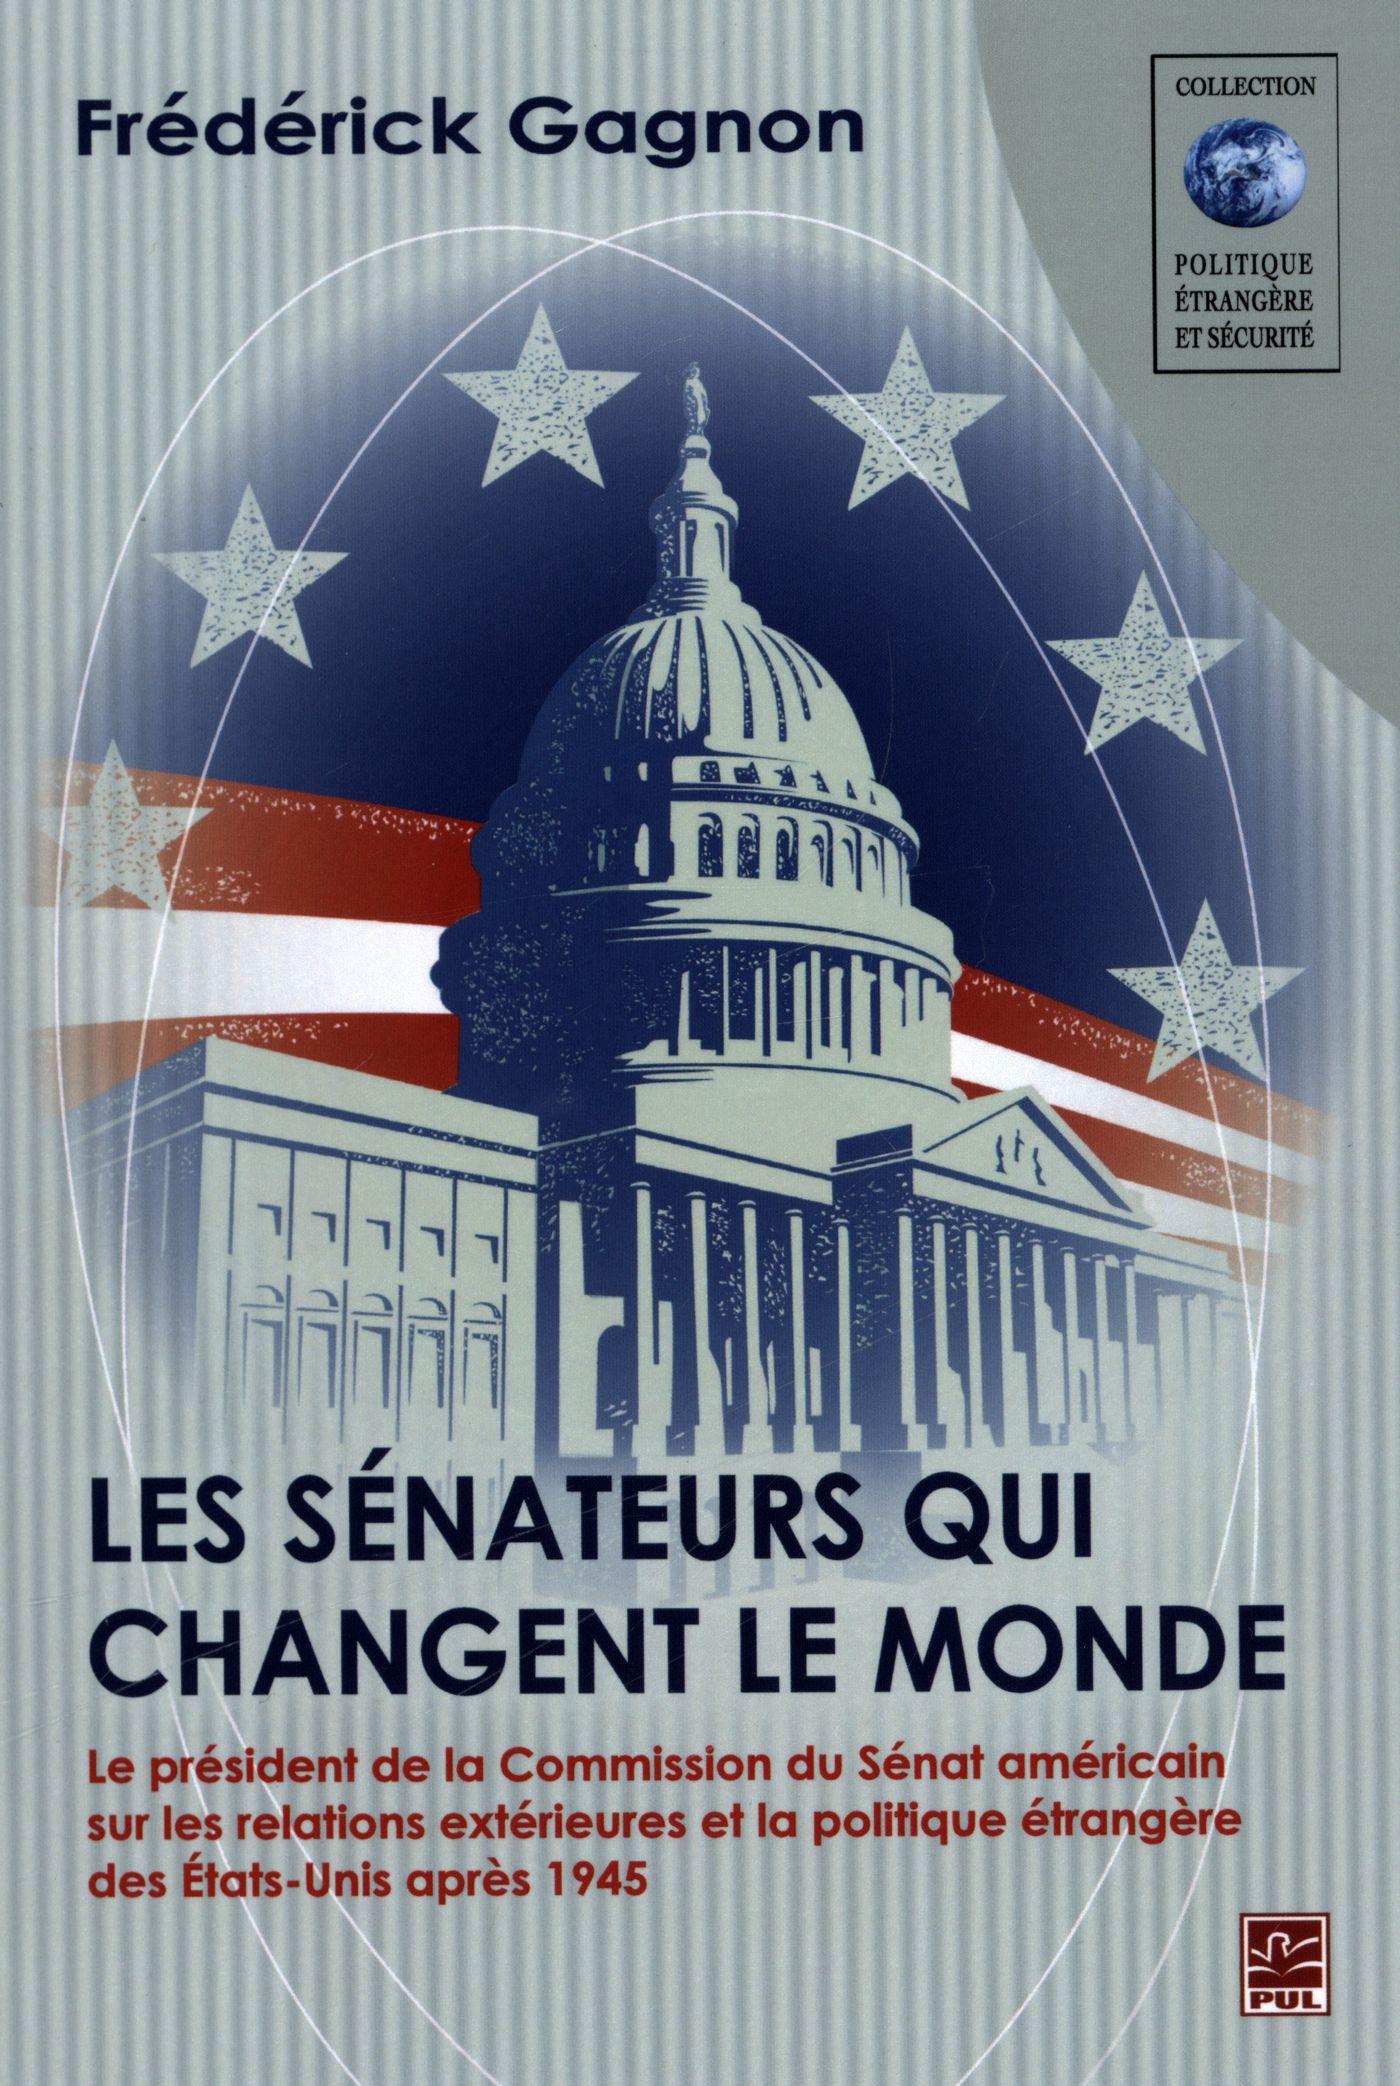 Les Sénateurs qui changent le monde